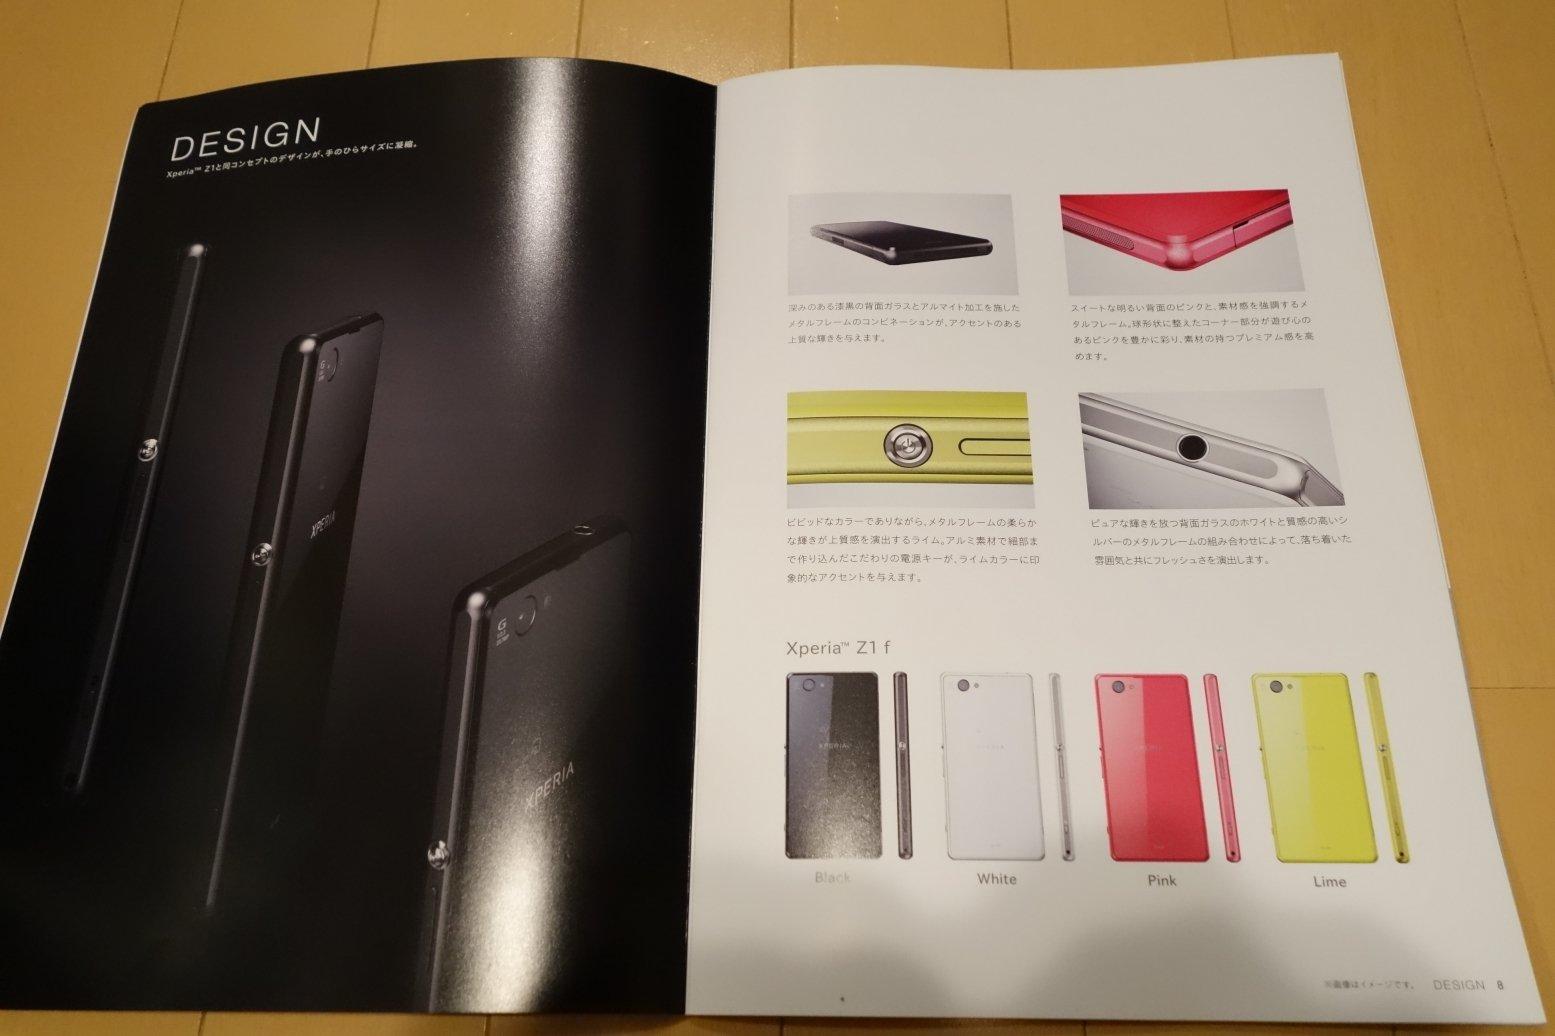 В сеть утекли фото брошюры со спецификациями и данными о Sony Xperia Z1f Mini